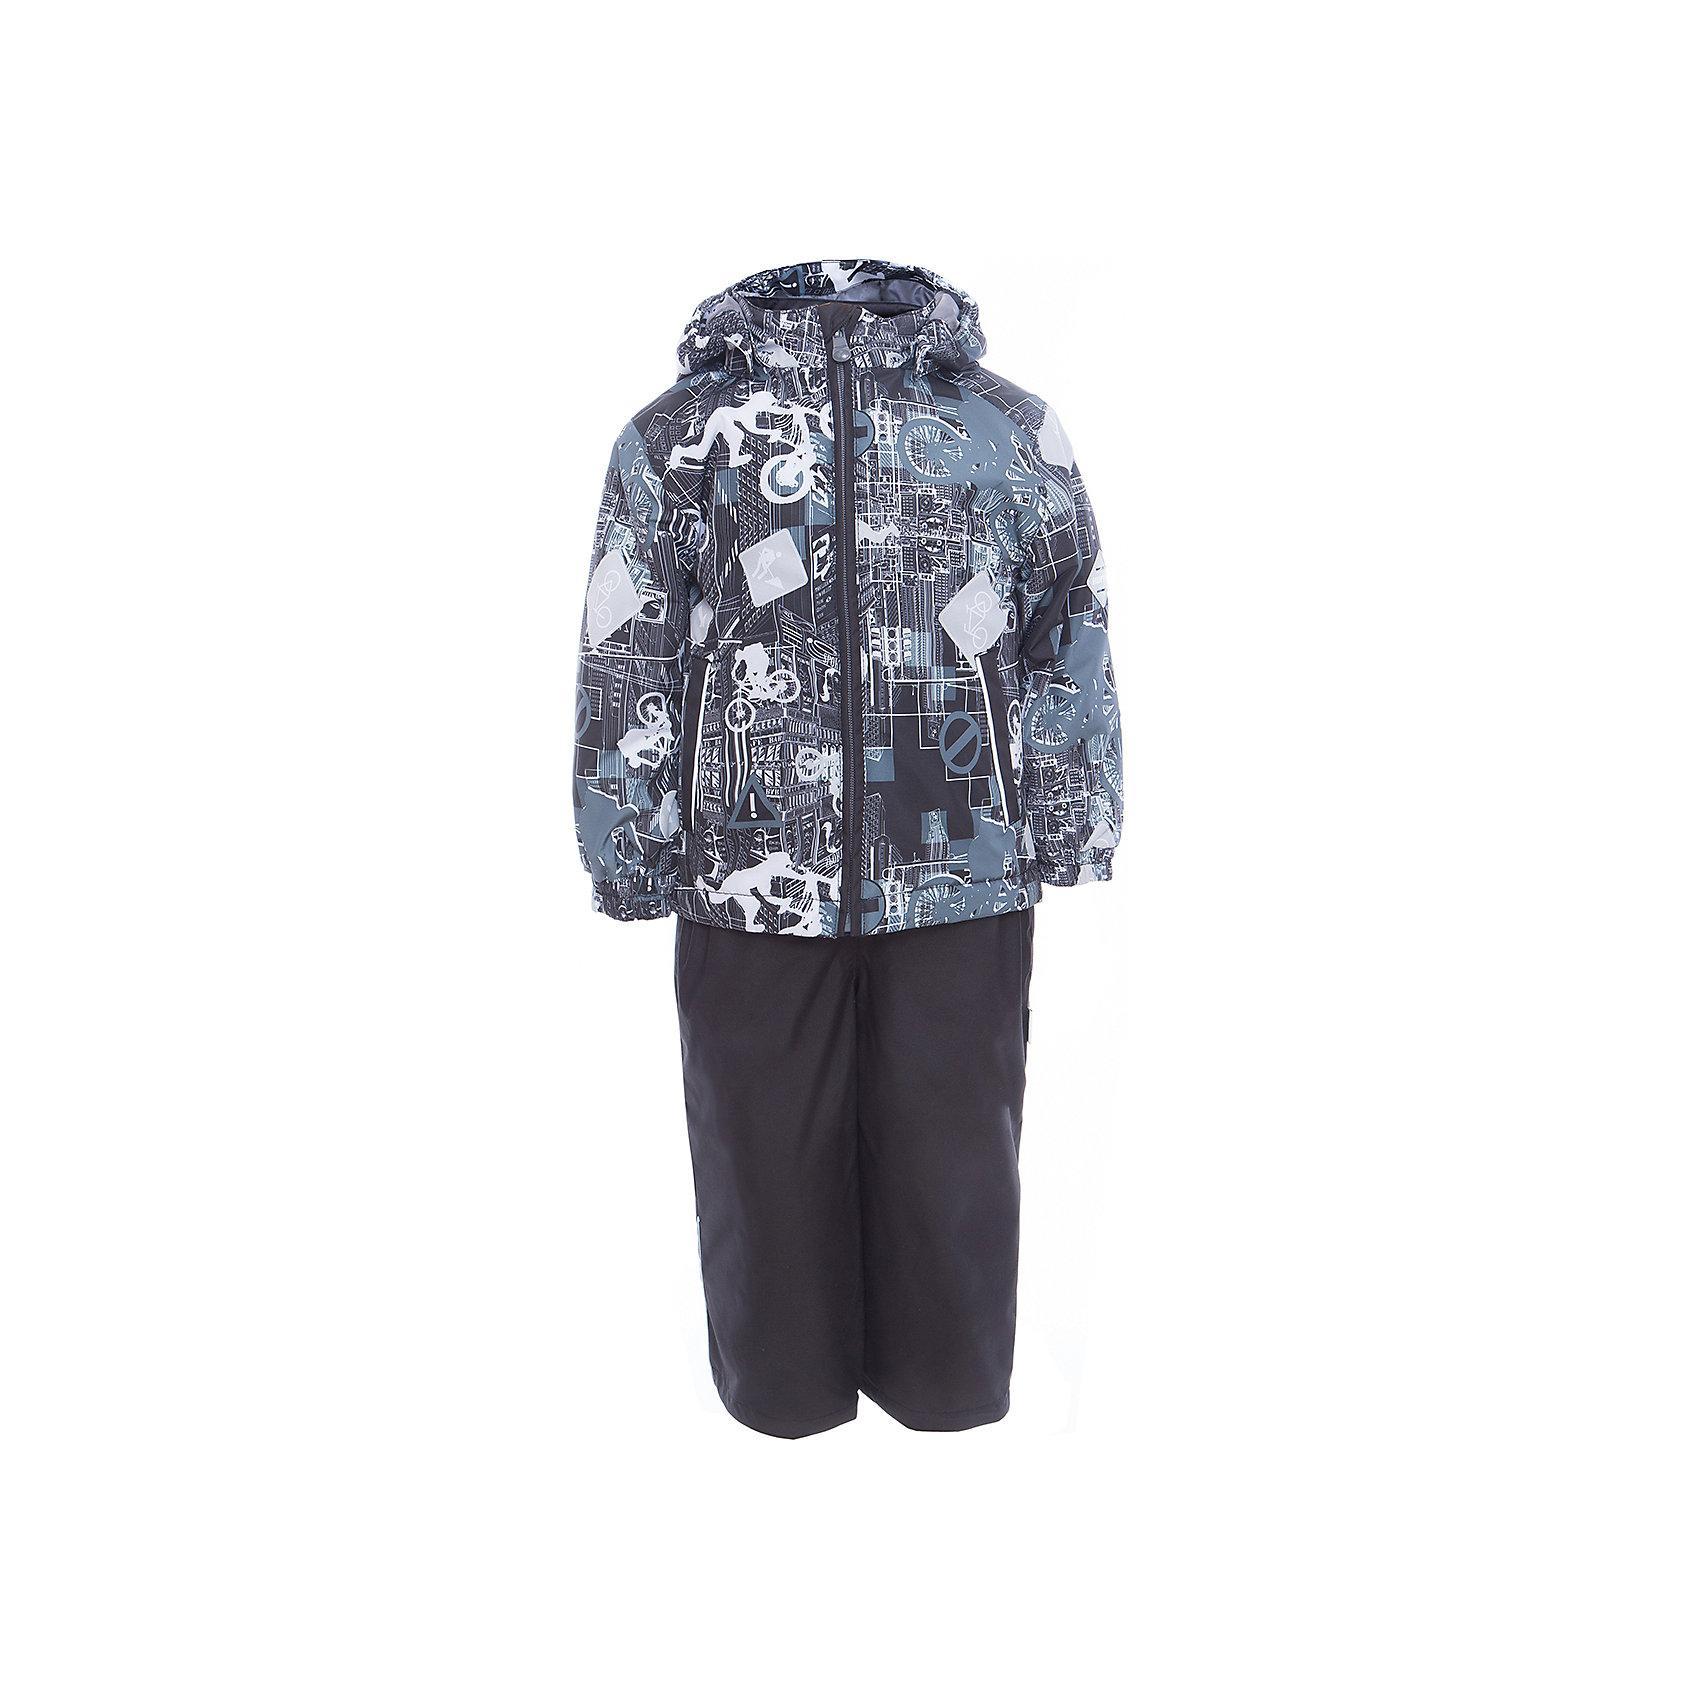 Комплект: куртка и полукомбинезон YOKO для мальчика HuppaВерхняя одежда<br>Характеристики товара:<br><br>• цвет: чёрный принт<br>• комплектация: куртка и полукомбинезон <br>• ткань: 100% полиэстер<br>• подкладка: тафта - 100% полиэстер<br>• утеплитель: в куртке и в брюках - 100% полиэстер 100 г<br>• температурный режим: от -5°С до +10°С<br>• водонепроницаемость: 10000 мм<br>• воздухопроницаемость: 10000 мм<br>• светоотражающие детали<br>• шов сидения проклеен<br>• эластичный шнур по низу куртки<br>• эластичный шнур с фиксатором внизу брючин<br>• съёмный капюшон с резинкой<br>• эластичные манжеты рукавов<br>• регулируемые низы брючин<br>• без внутренних швов<br>• резиновые подтяжки<br>• коллекция: весна-лето 2017<br>• страна бренда: Эстония<br><br>Такой модный демисезонный комплект  обеспечит детям тепло и комфорт. Он сделан из материала, отталкивающего воду, и дополнен подкладкой с утеплителем, поэтому изделие идеально подходит для межсезонья. Материал изделий - с мембранной технологией: защищая от влаги и ветра, он легко выводит лишнюю влагу наружу. Комплект очень симпатично смотрится. <br><br>Одежда и обувь от популярного эстонского бренда Huppa - отличный вариант одеть ребенка можно и комфортно. Вещи, выпускаемые компанией, качественные, продуманные и очень удобные. Для производства изделий используются только безопасные для детей материалы. Продукция от Huppa порадует и детей, и их родителей!<br><br>Комплект: куртка и полукомбинезон YOKO от бренда Huppa (Хуппа) можно купить в нашем интернет-магазине.<br><br>Ширина мм: 356<br>Глубина мм: 10<br>Высота мм: 245<br>Вес г: 519<br>Цвет: черный<br>Возраст от месяцев: 18<br>Возраст до месяцев: 24<br>Пол: Мужской<br>Возраст: Детский<br>Размер: 92,122,98,104,110,116<br>SKU: 5346760